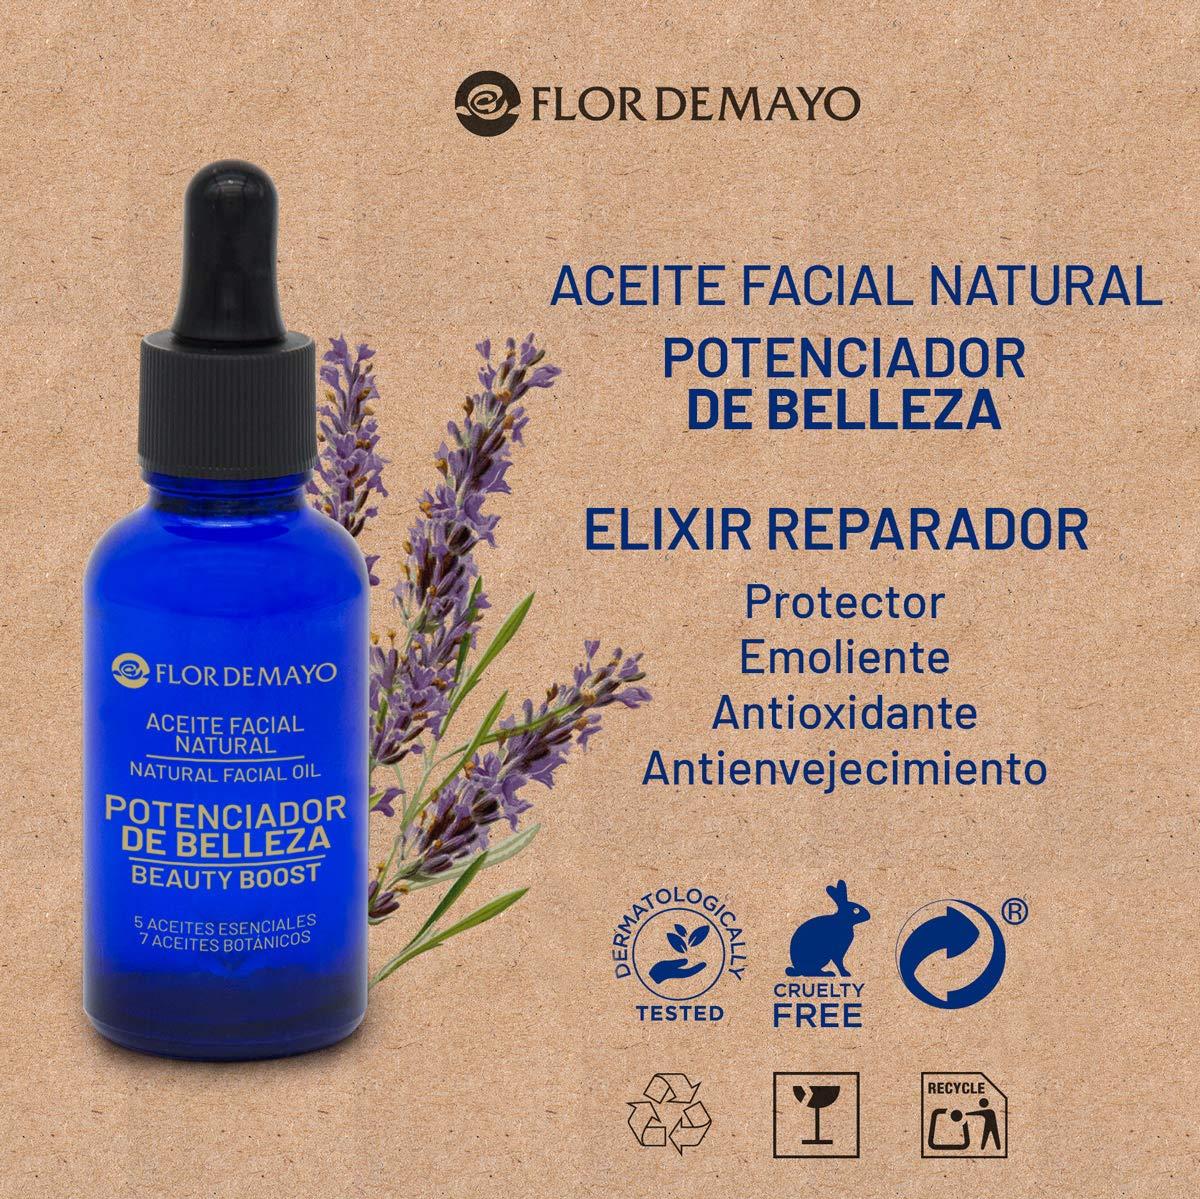 Aceite Potenciador de Belleza. Elixir Hidratante 100% Natural con Aceite de Rosa Mosqueta, Aguacate, Jojoba, Macadamia, Extractos de Cúrcuma, Lavanda, ...